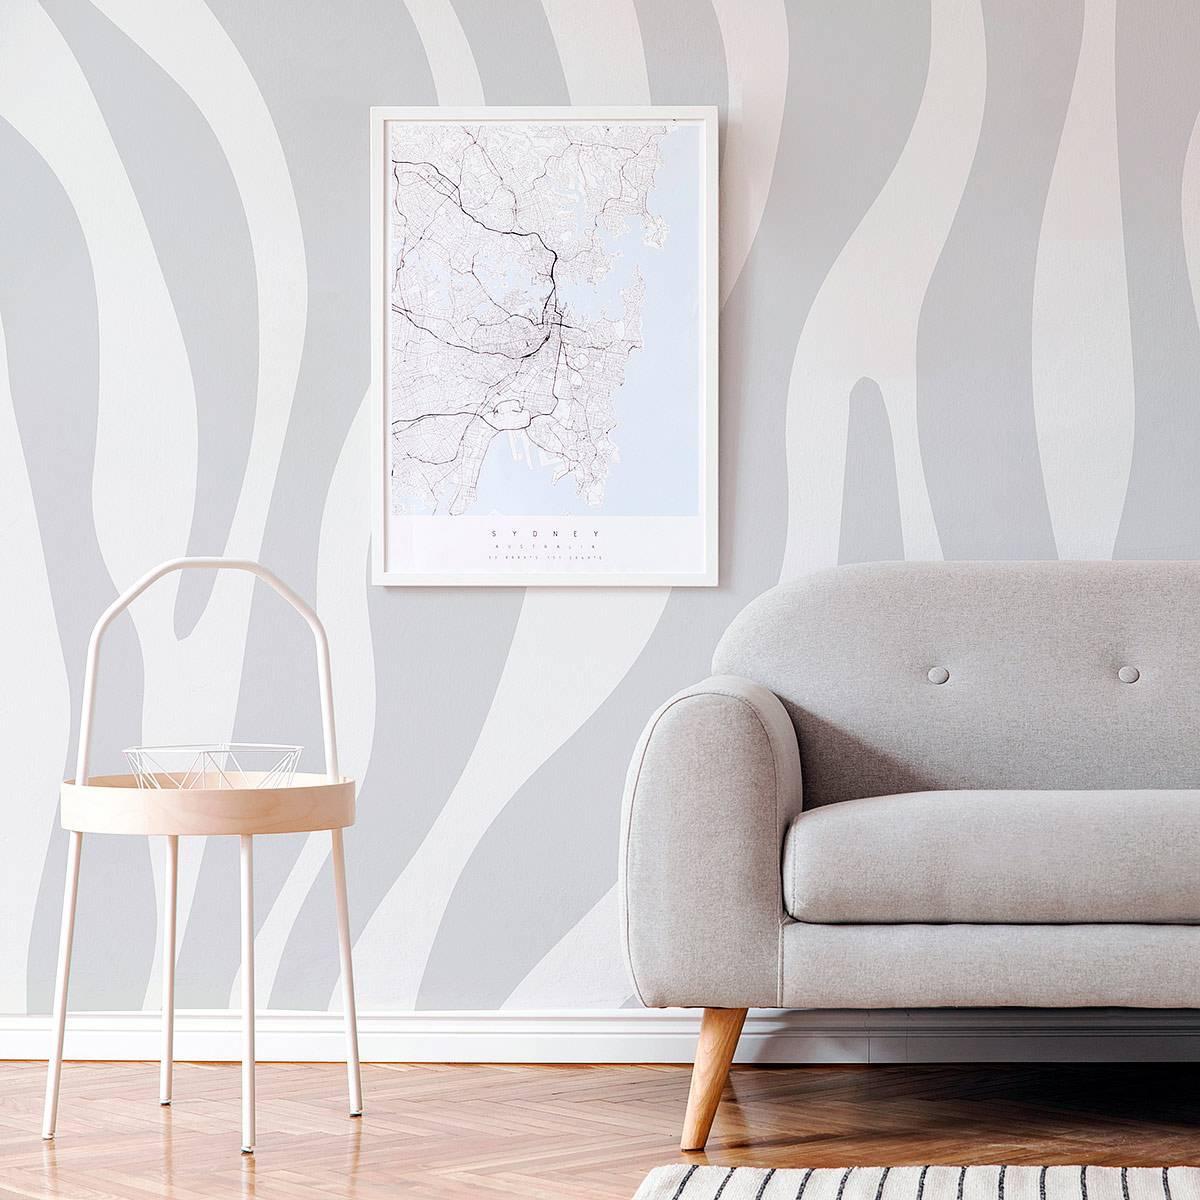 Painel Fotográfico Zebra | m² imagem 2